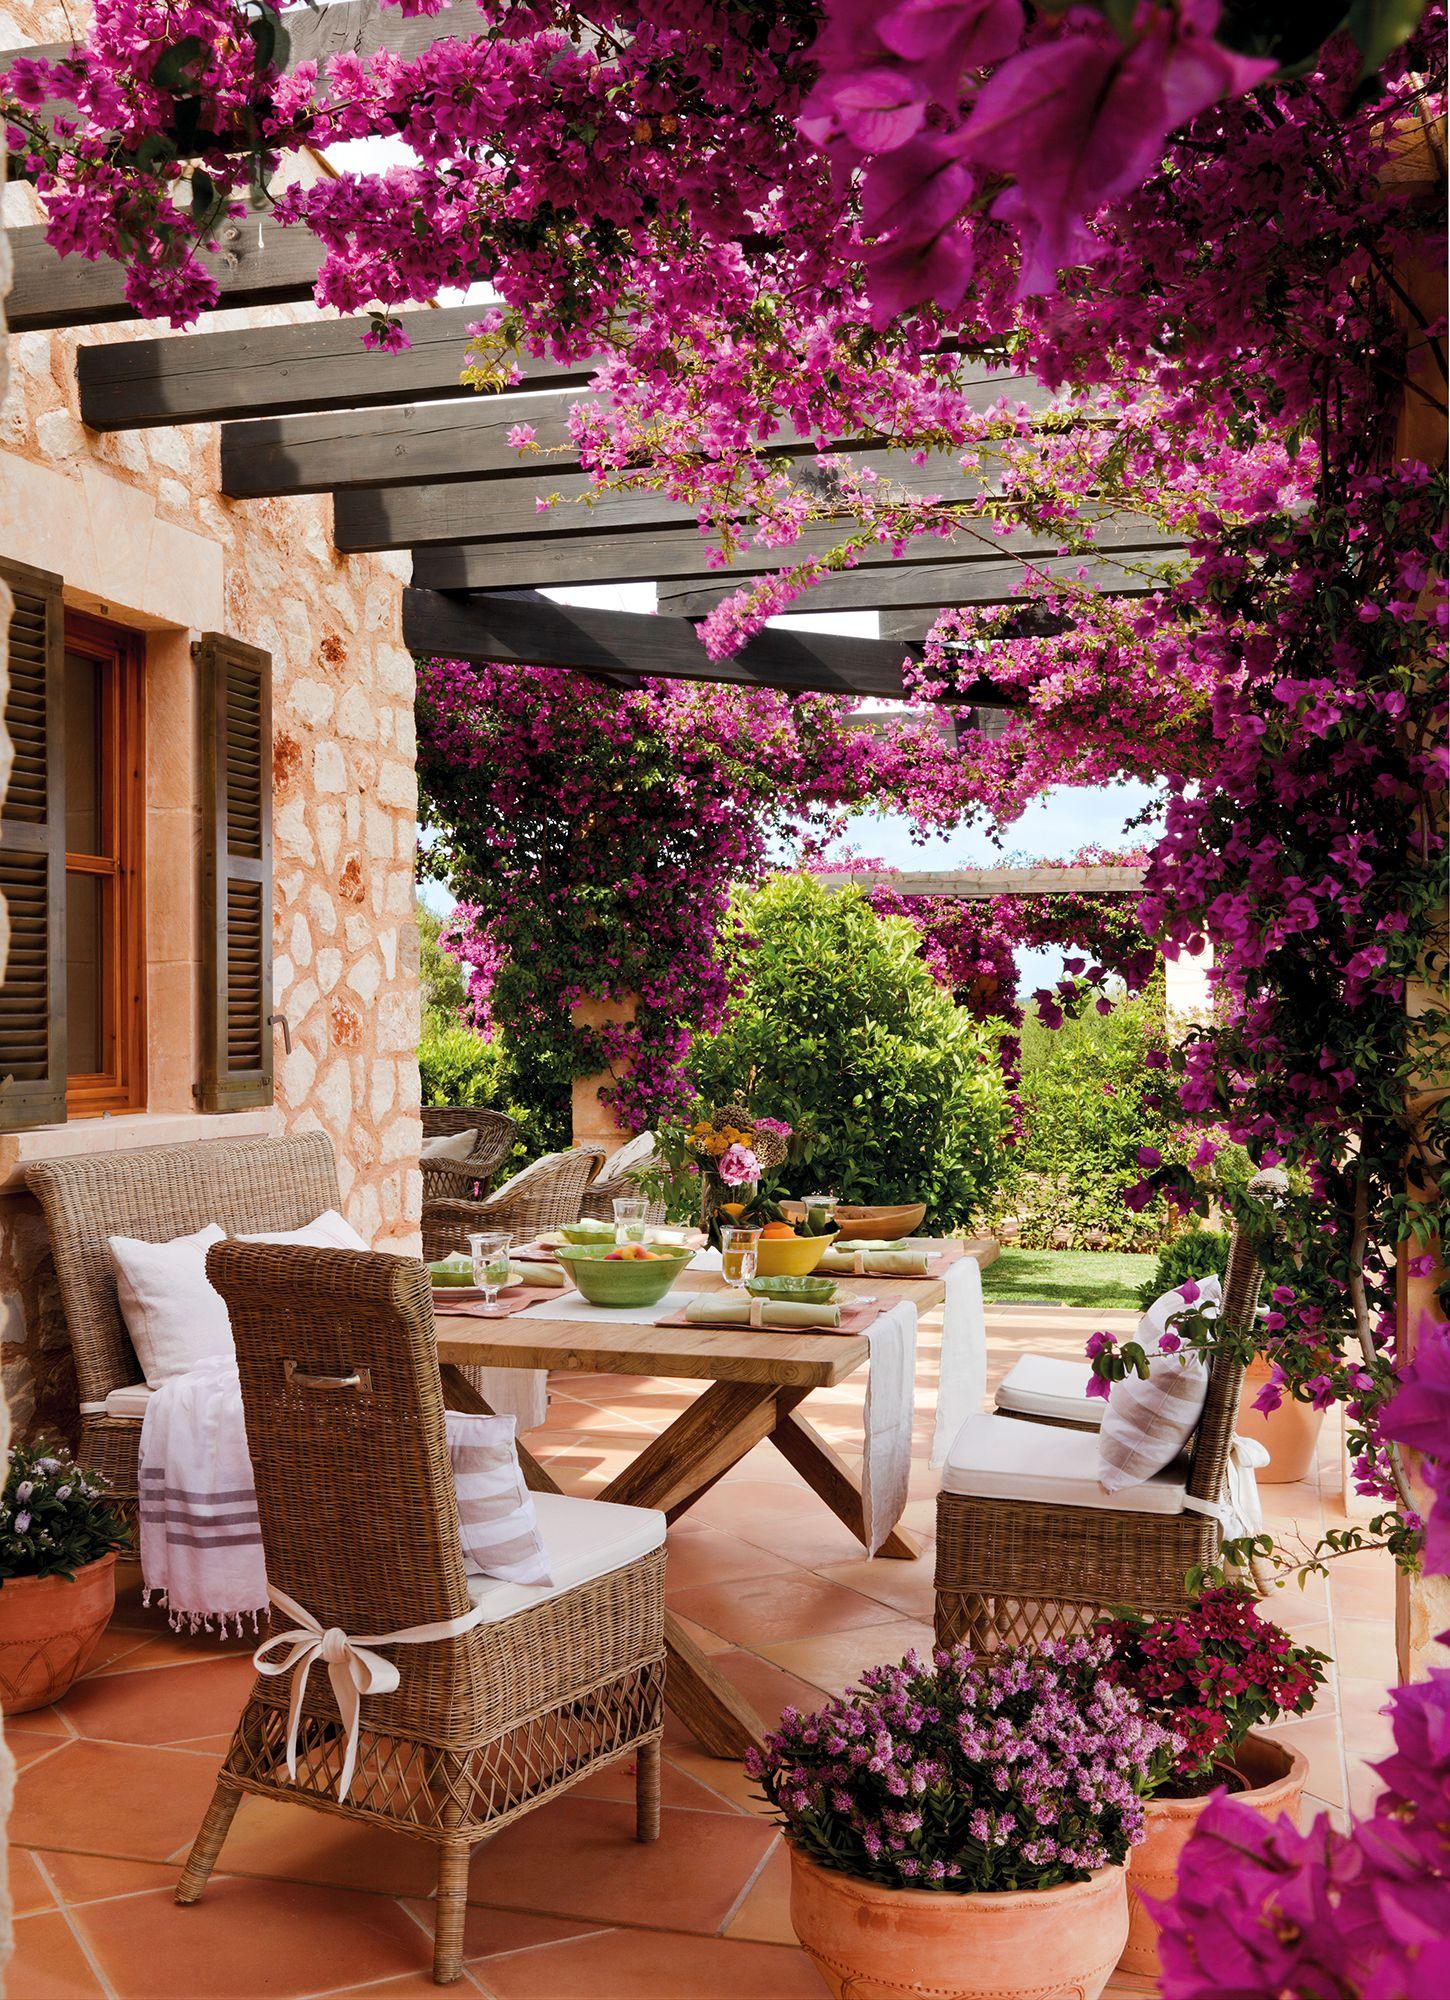 Comedor de exterior bajo pérgola cubierta de una buganvilla en flor_ ...